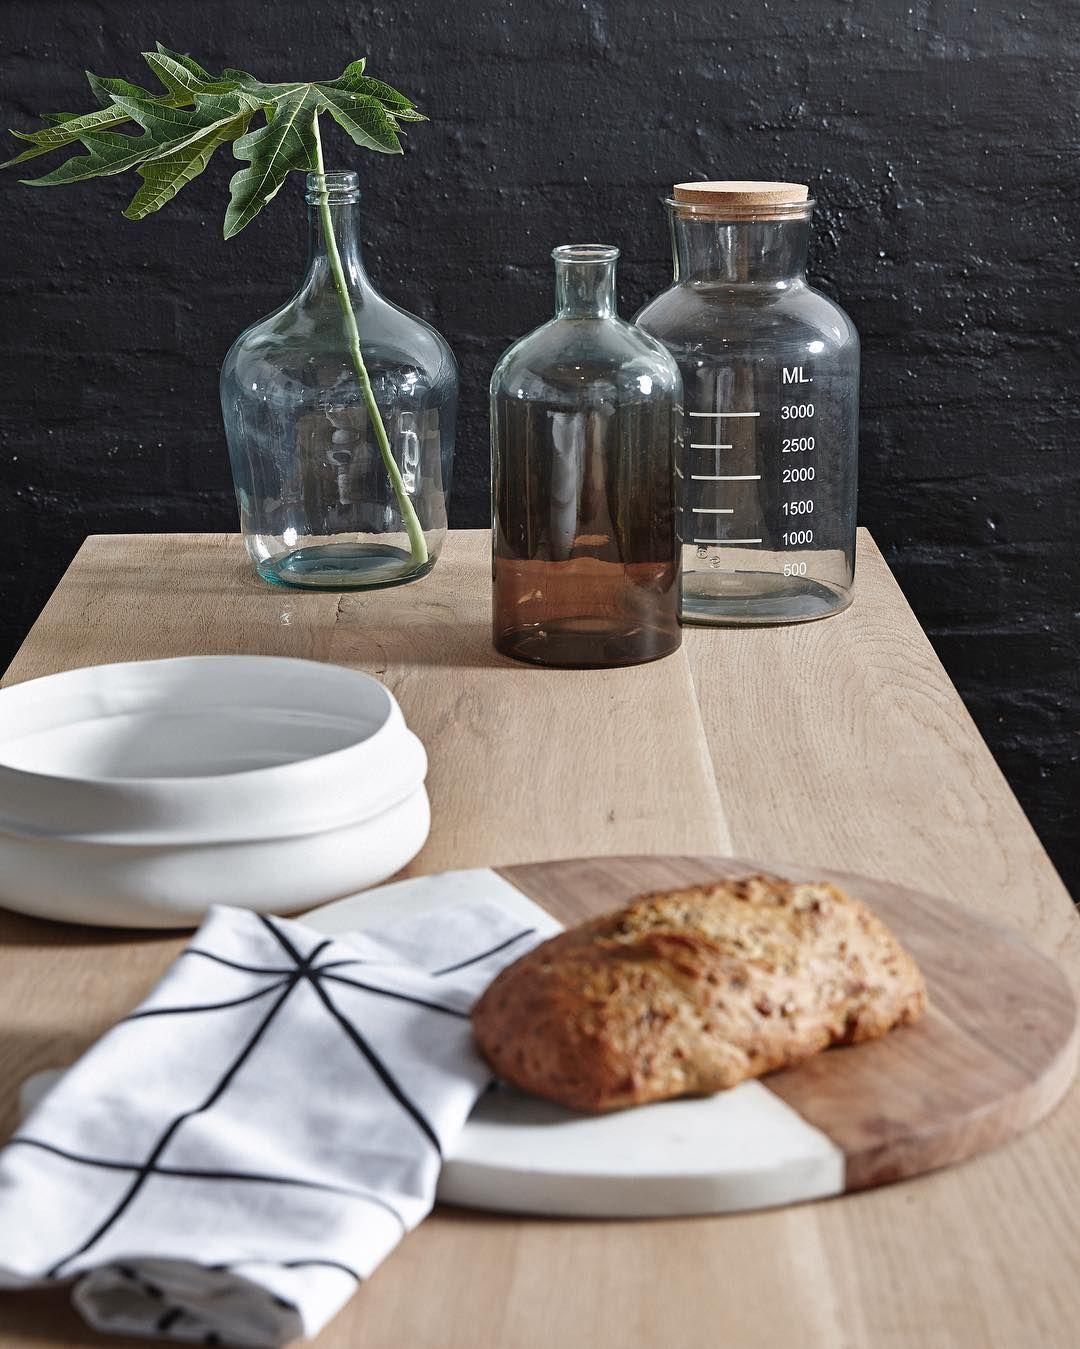 Repost from: purplegreen_de . Guten Morgen meine Lieben.  Wenn ihr statt selbst gebackenem Brot lieber Laugenbrötchen probieren wollt dann schaut mal bei Yvonne von @puppenzimmer auf dem Blog, dort gibt es ein leckeres Rezept dafür. Neue Brettchen, Teigroller, ... findet ihr bei uns im Shop.  Habt ein schönes Wochenende! #nordicwohndesign #by #purplegreen_de ☕️ #purplegreenshop #photo #hubschinterior #hübschinterior #nordicliving #scandinaviandesign #scandinavianhomes #home_and_living